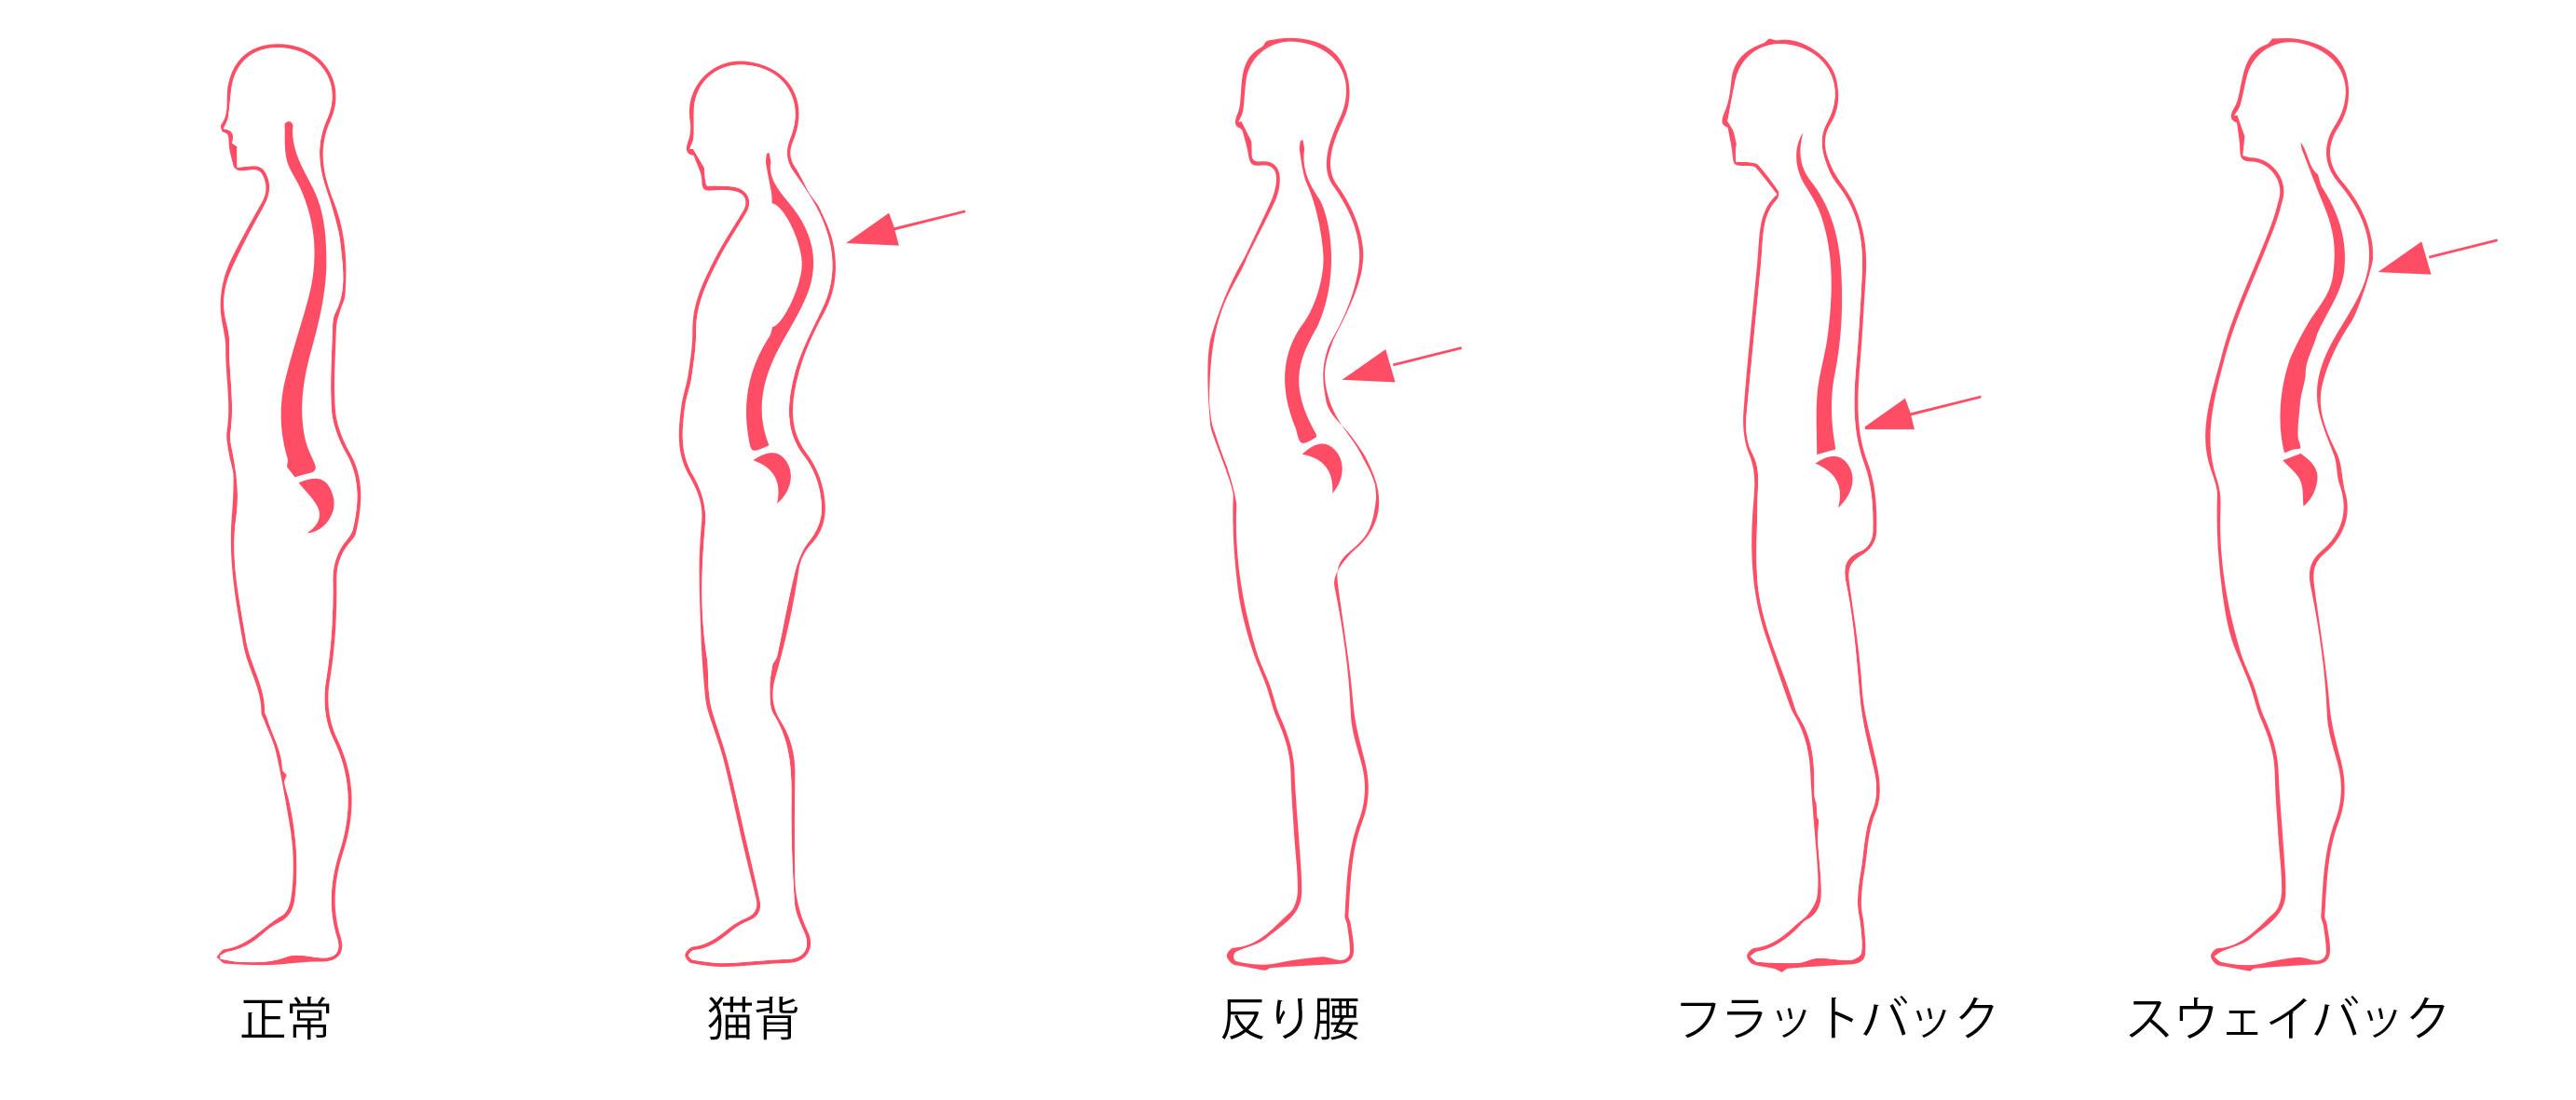 姿勢のタイプ